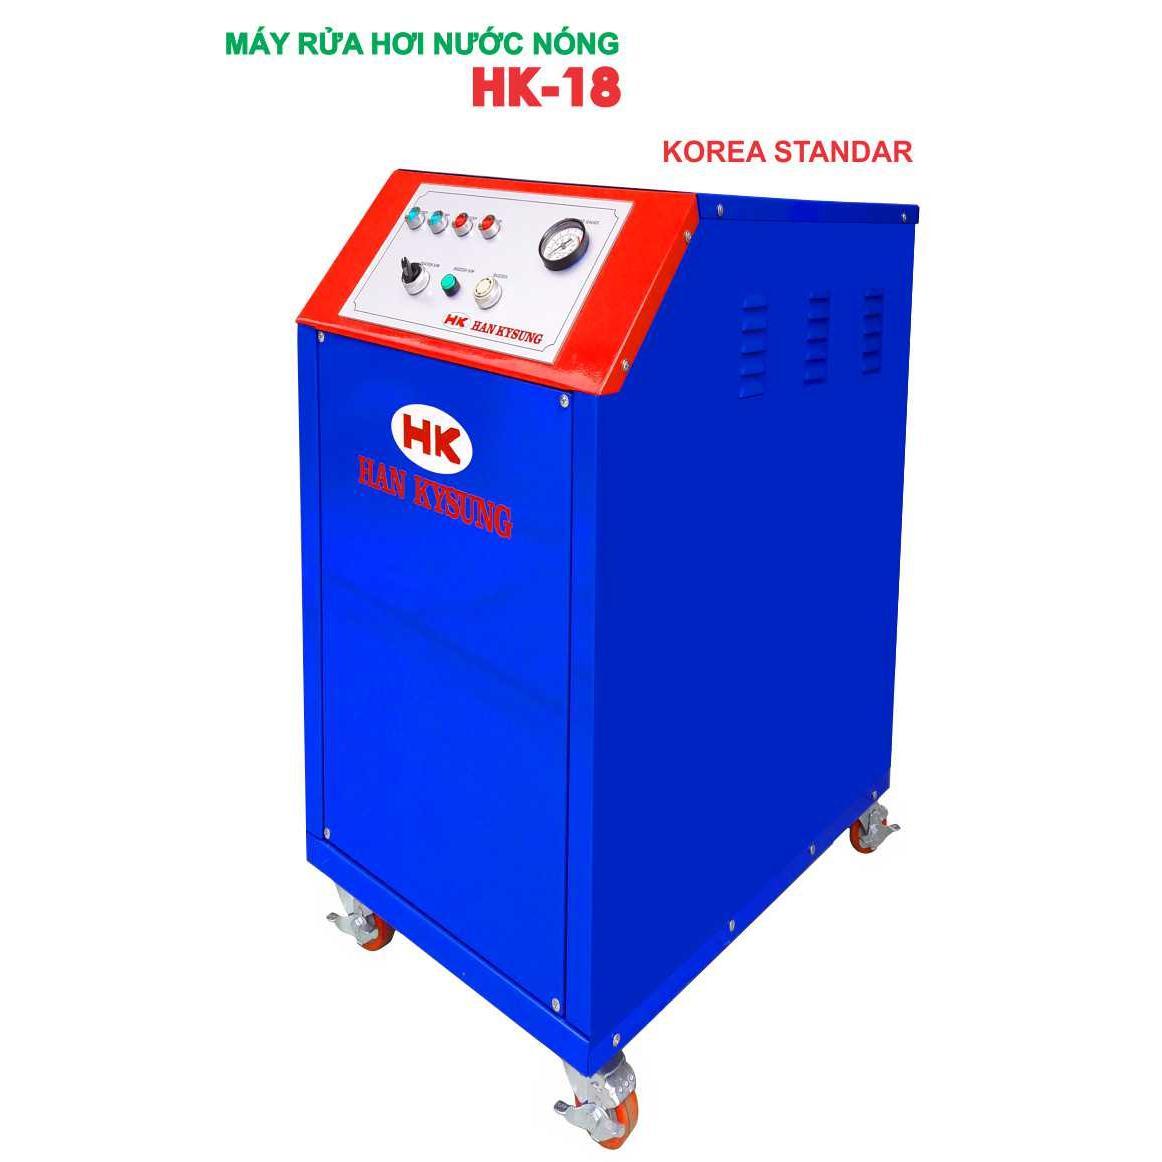 Máy rửa xe bằng hơi nước nóng HK-18